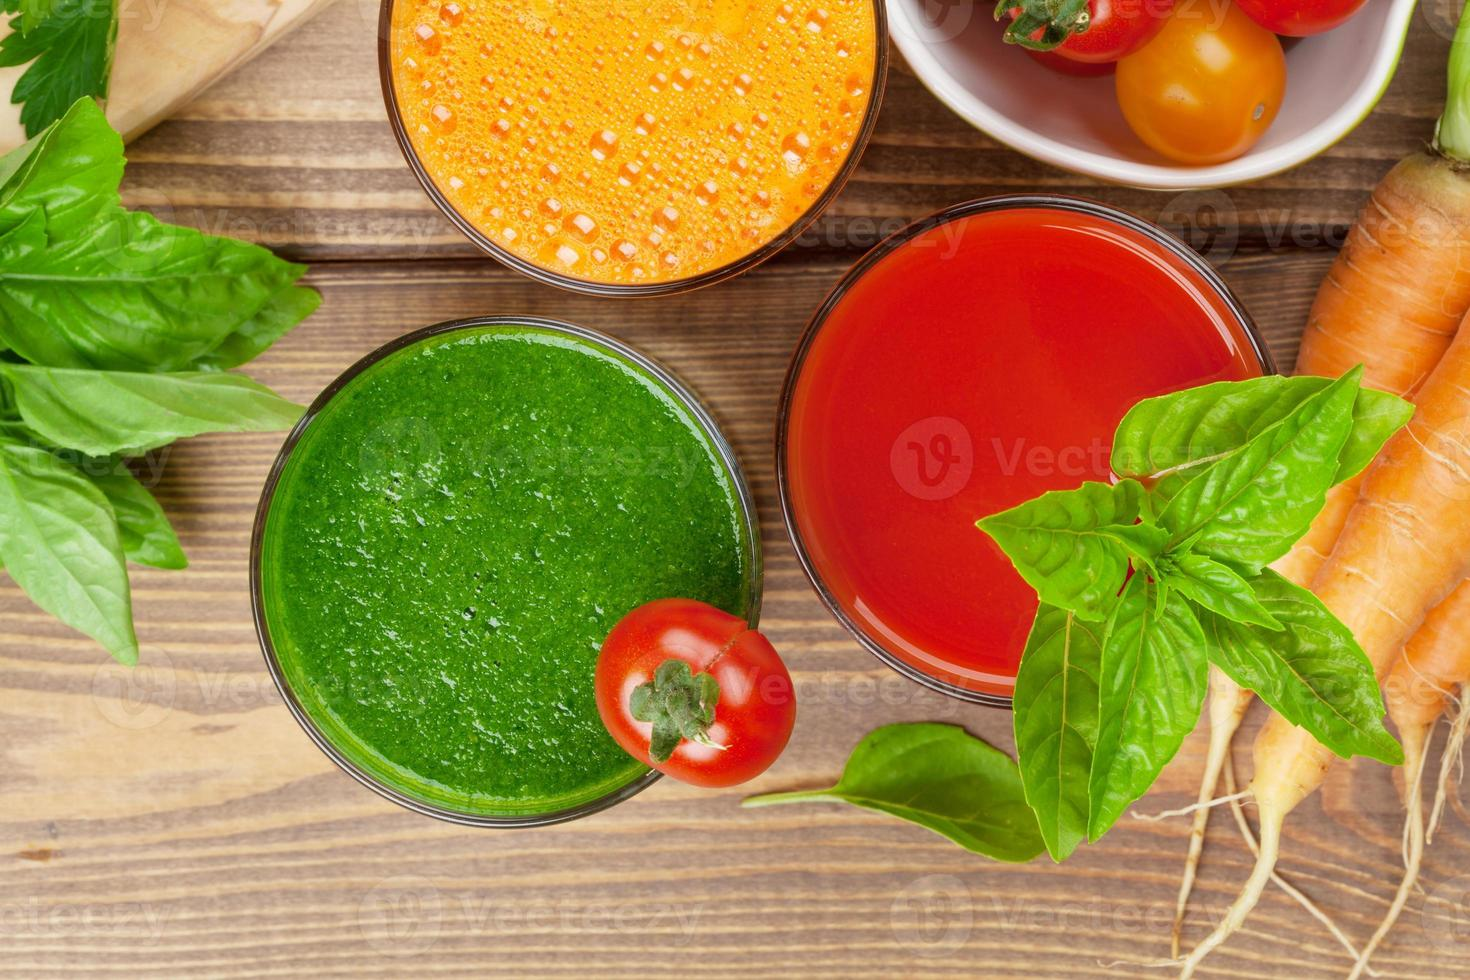 smoothie aux légumes frais. tomate, concombre, carotte photo